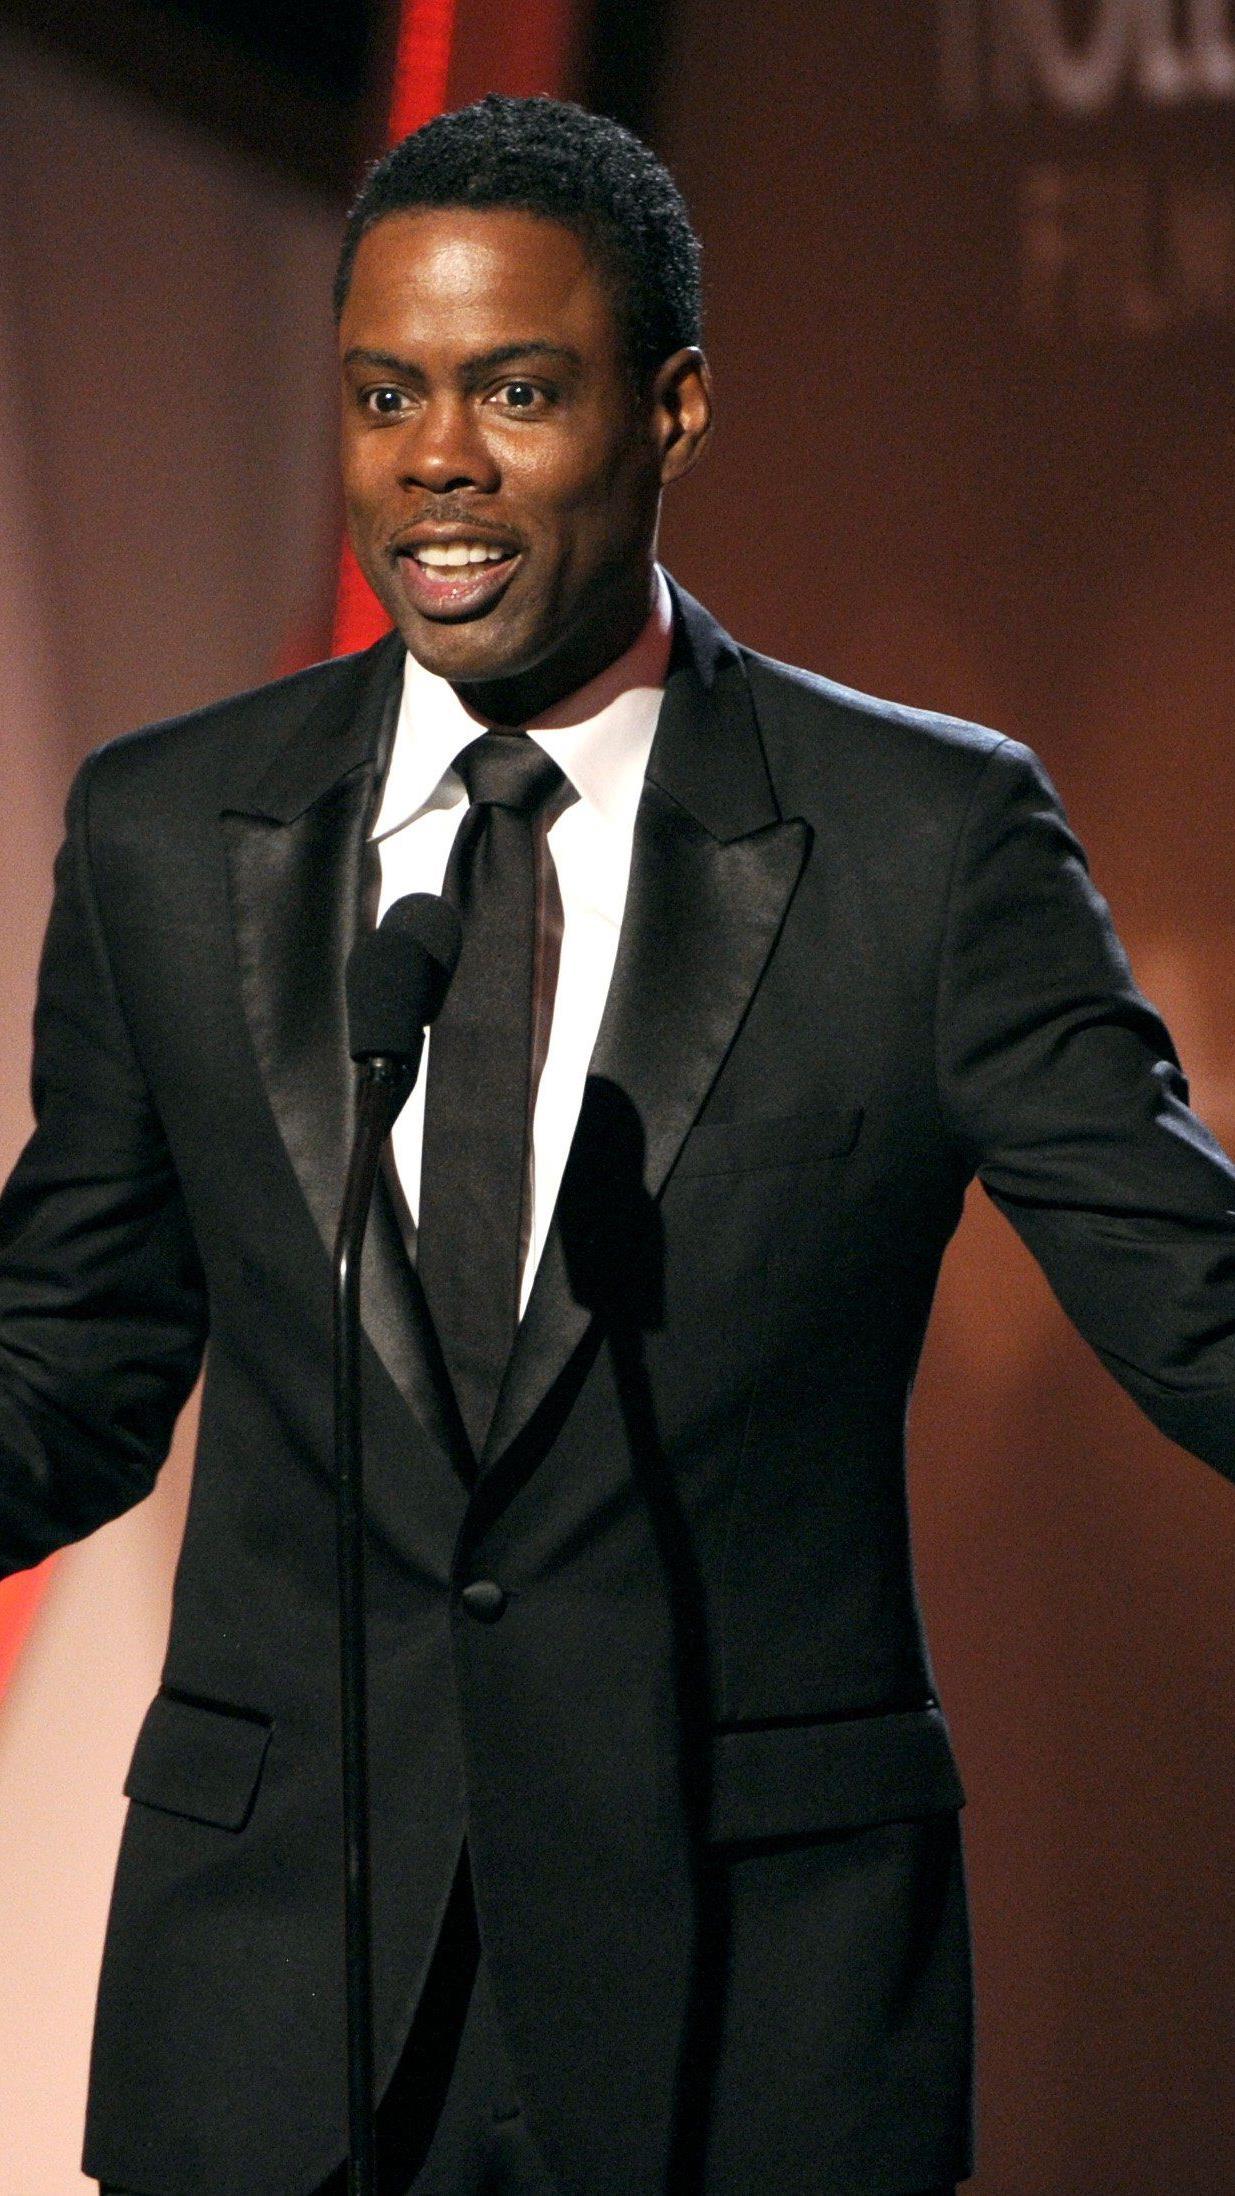 Chris Rock ist der bestbezahlte Komiker der Welt.